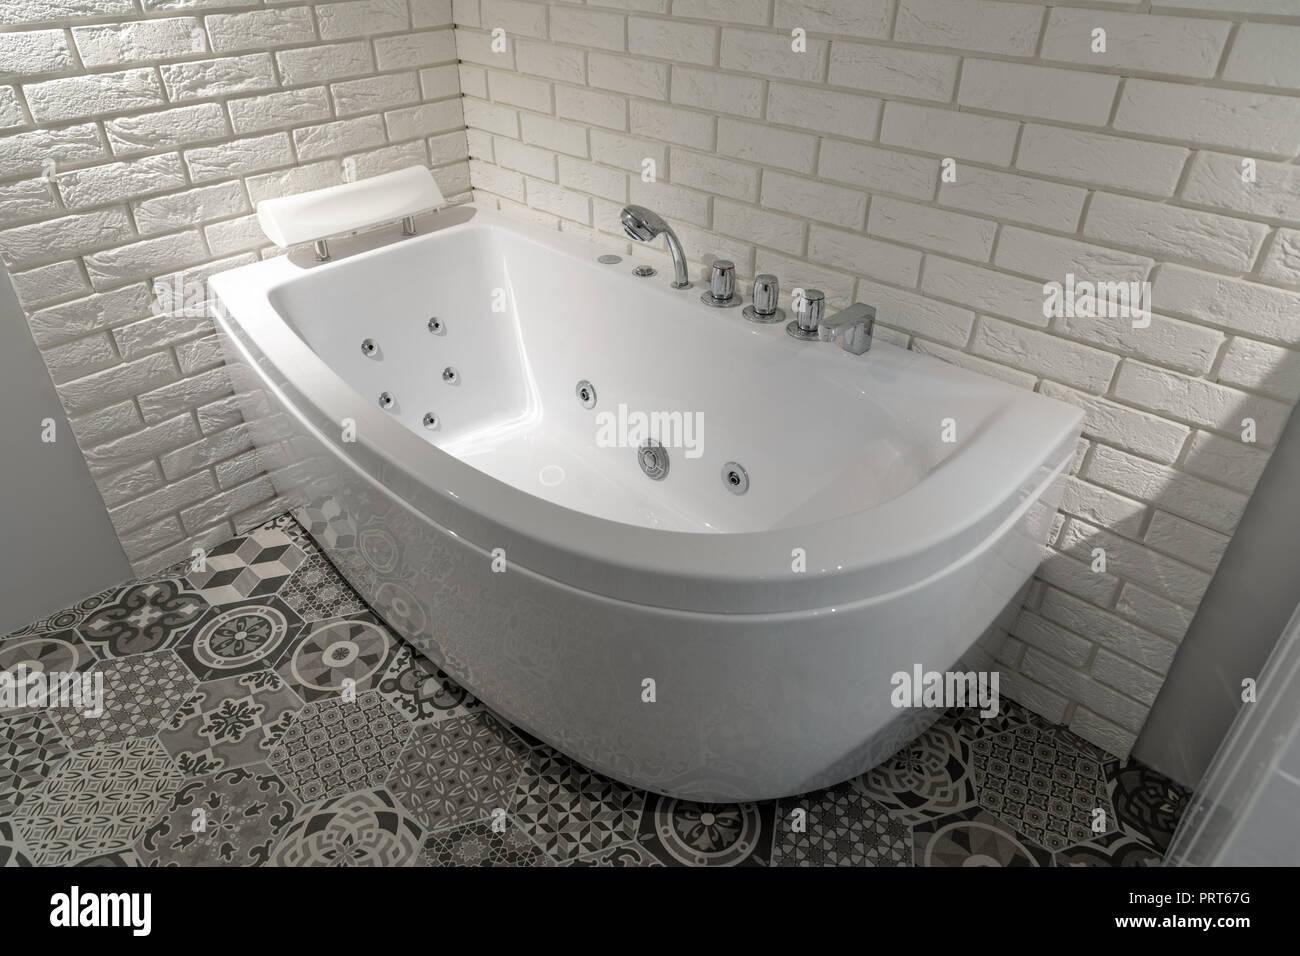 Domestico Moderno Bagno Interno Con Vasca Idromassaggio Foto